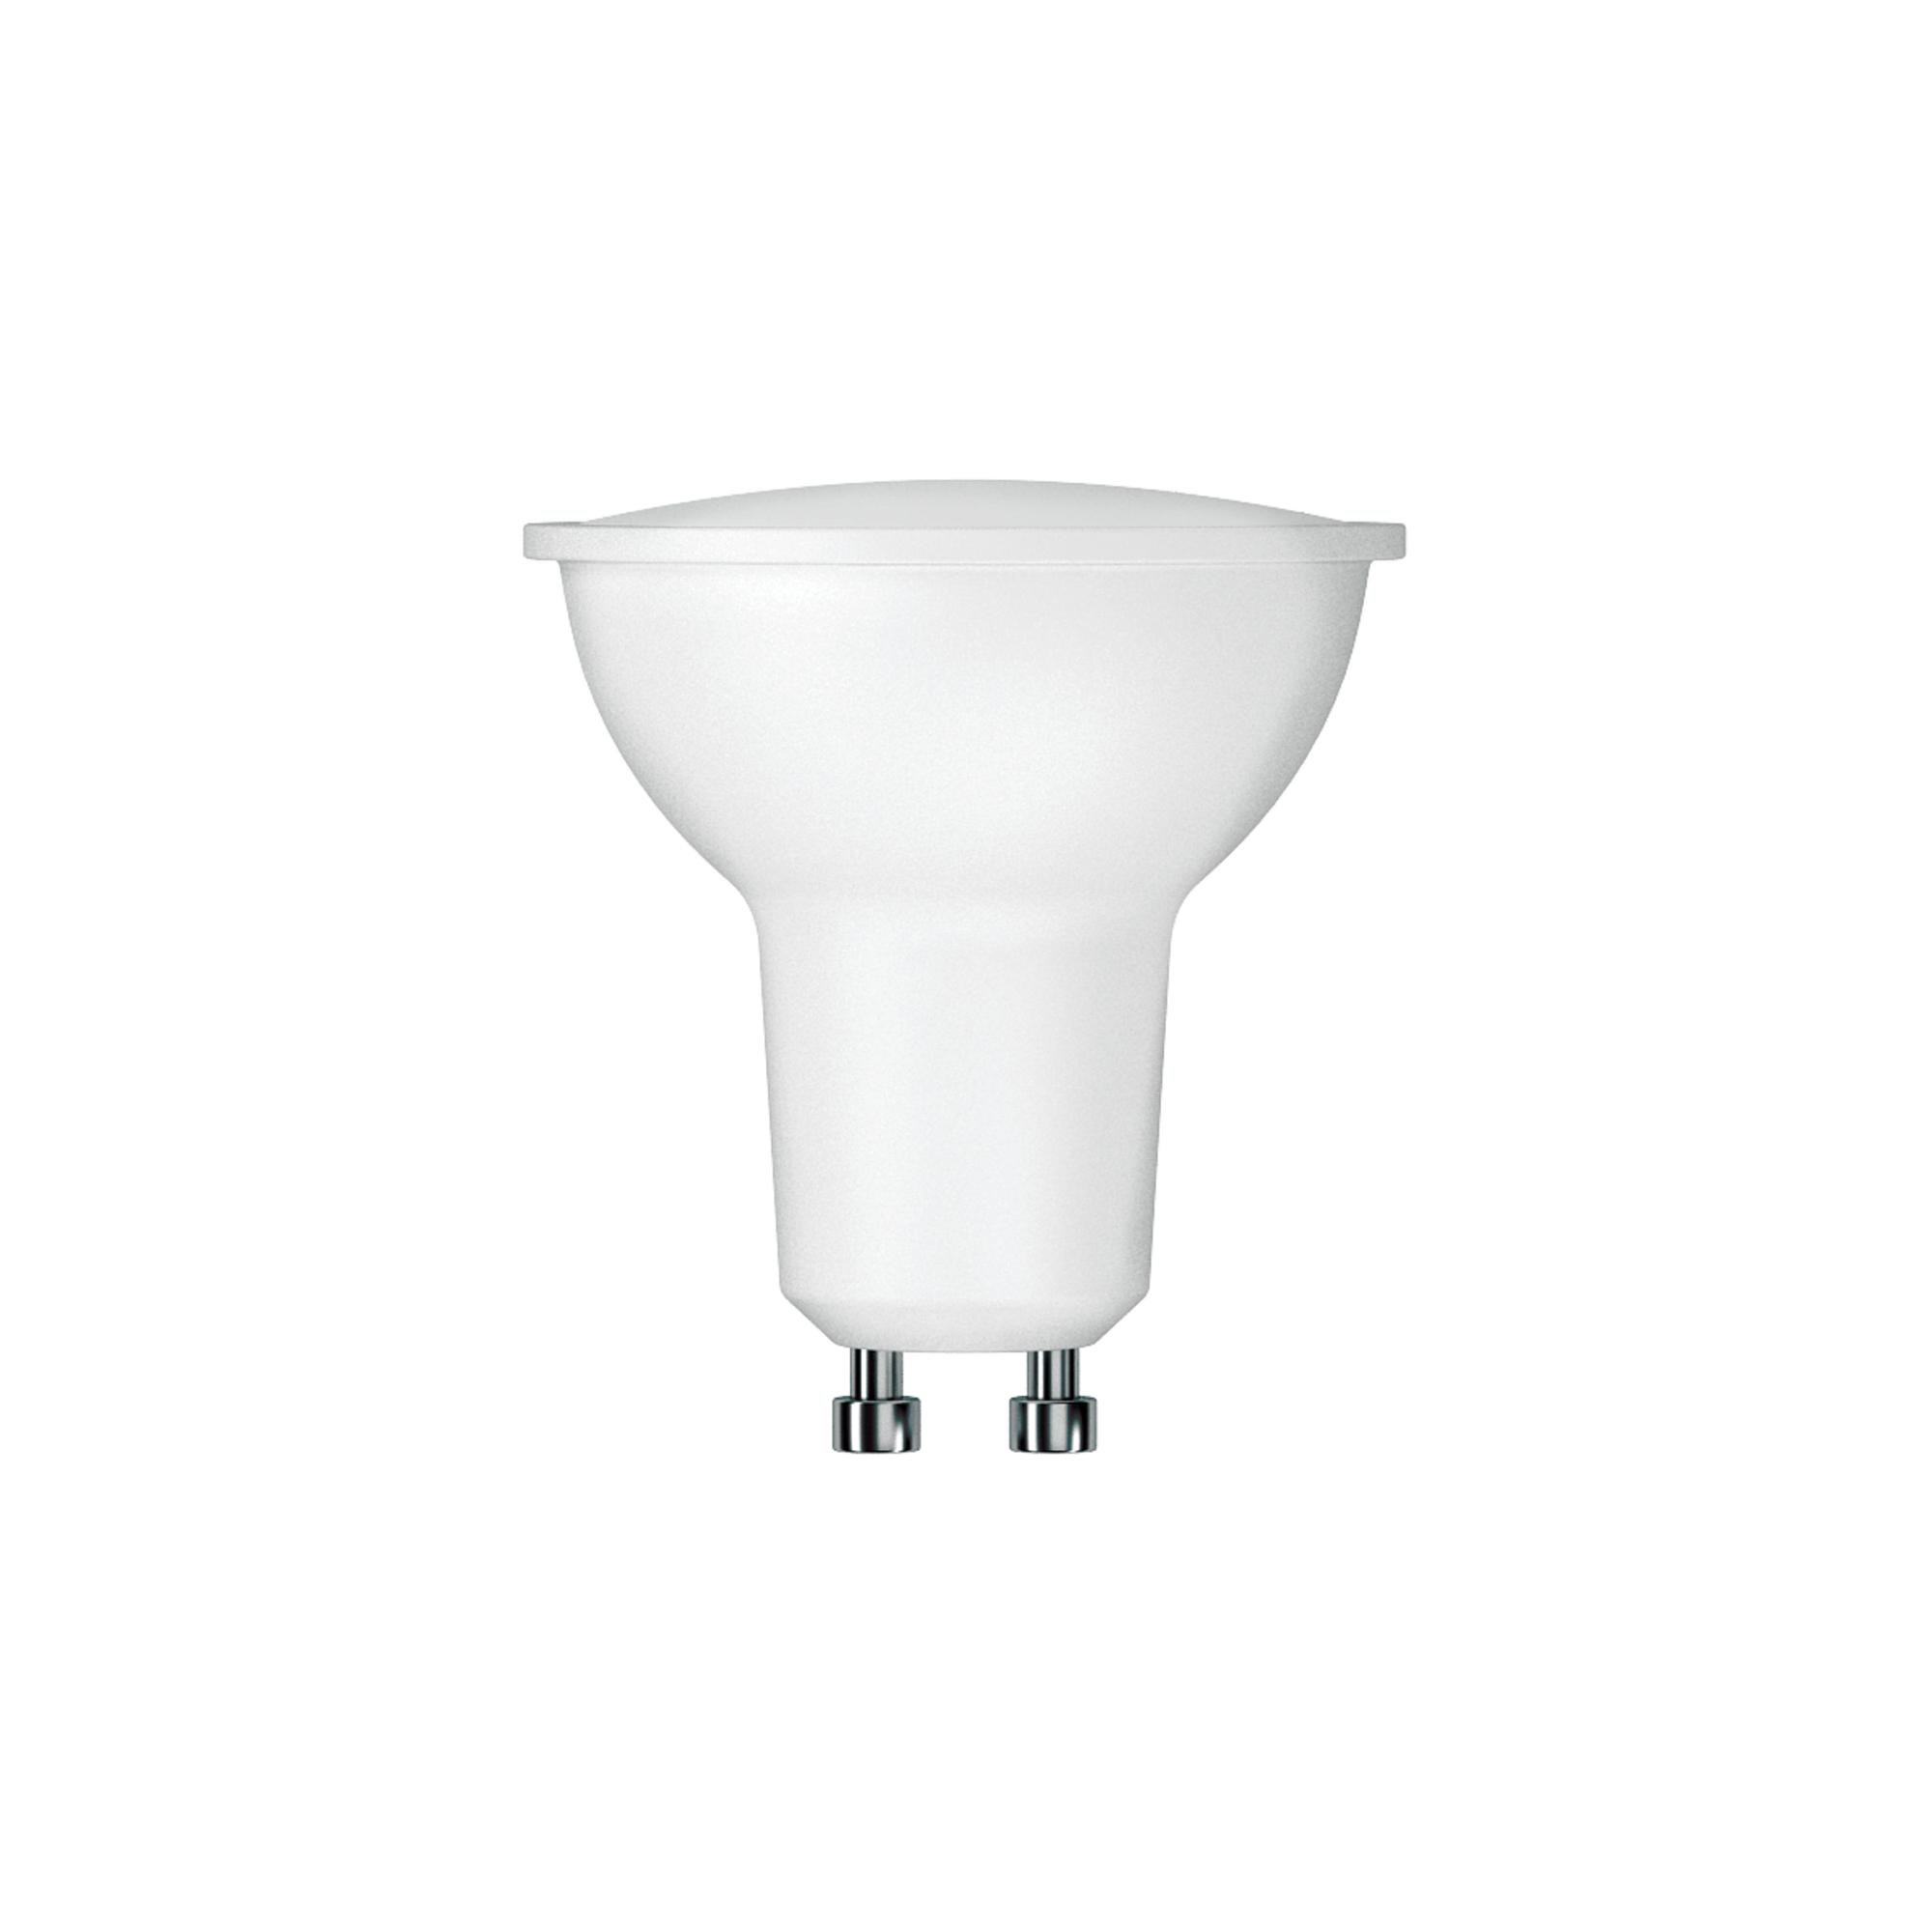 Светодиодная лампочка Фотон 23407 MR16 360 Лм 4 Вт